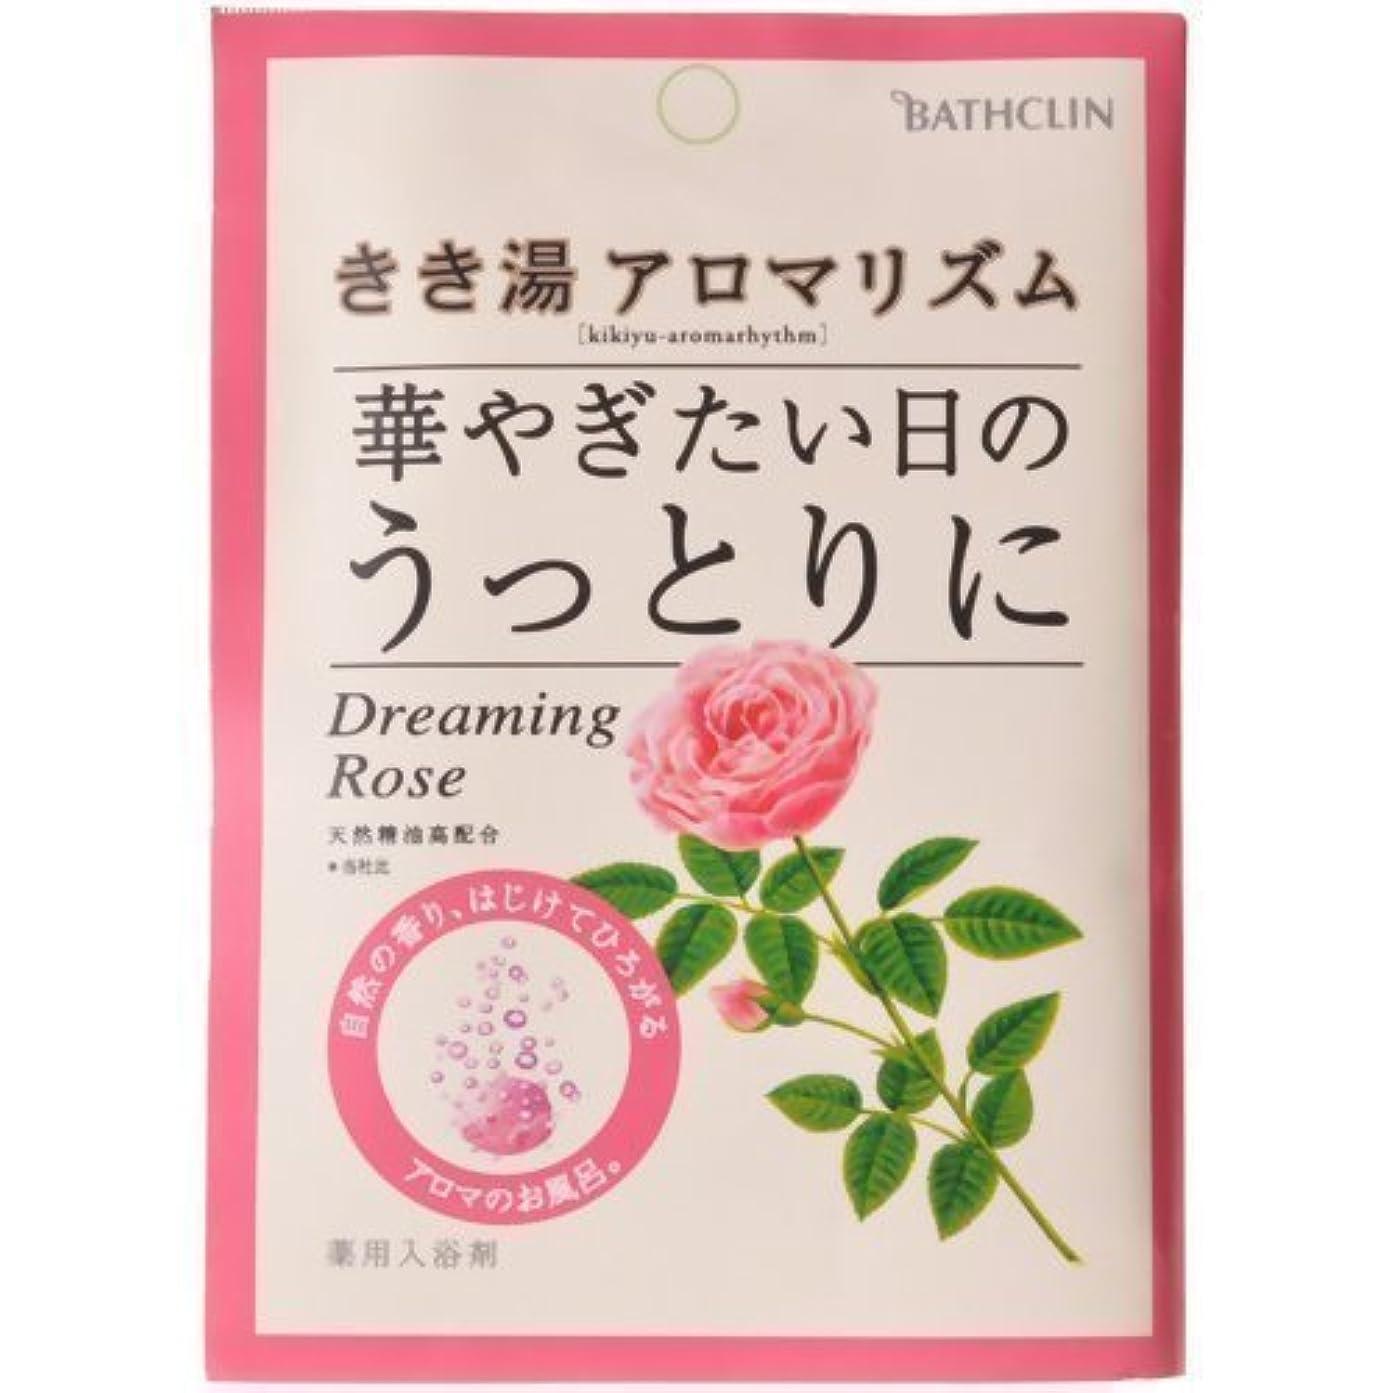 セント熱帯の不合格きき湯 アロマリズム ドリーミングローズの香り 30g